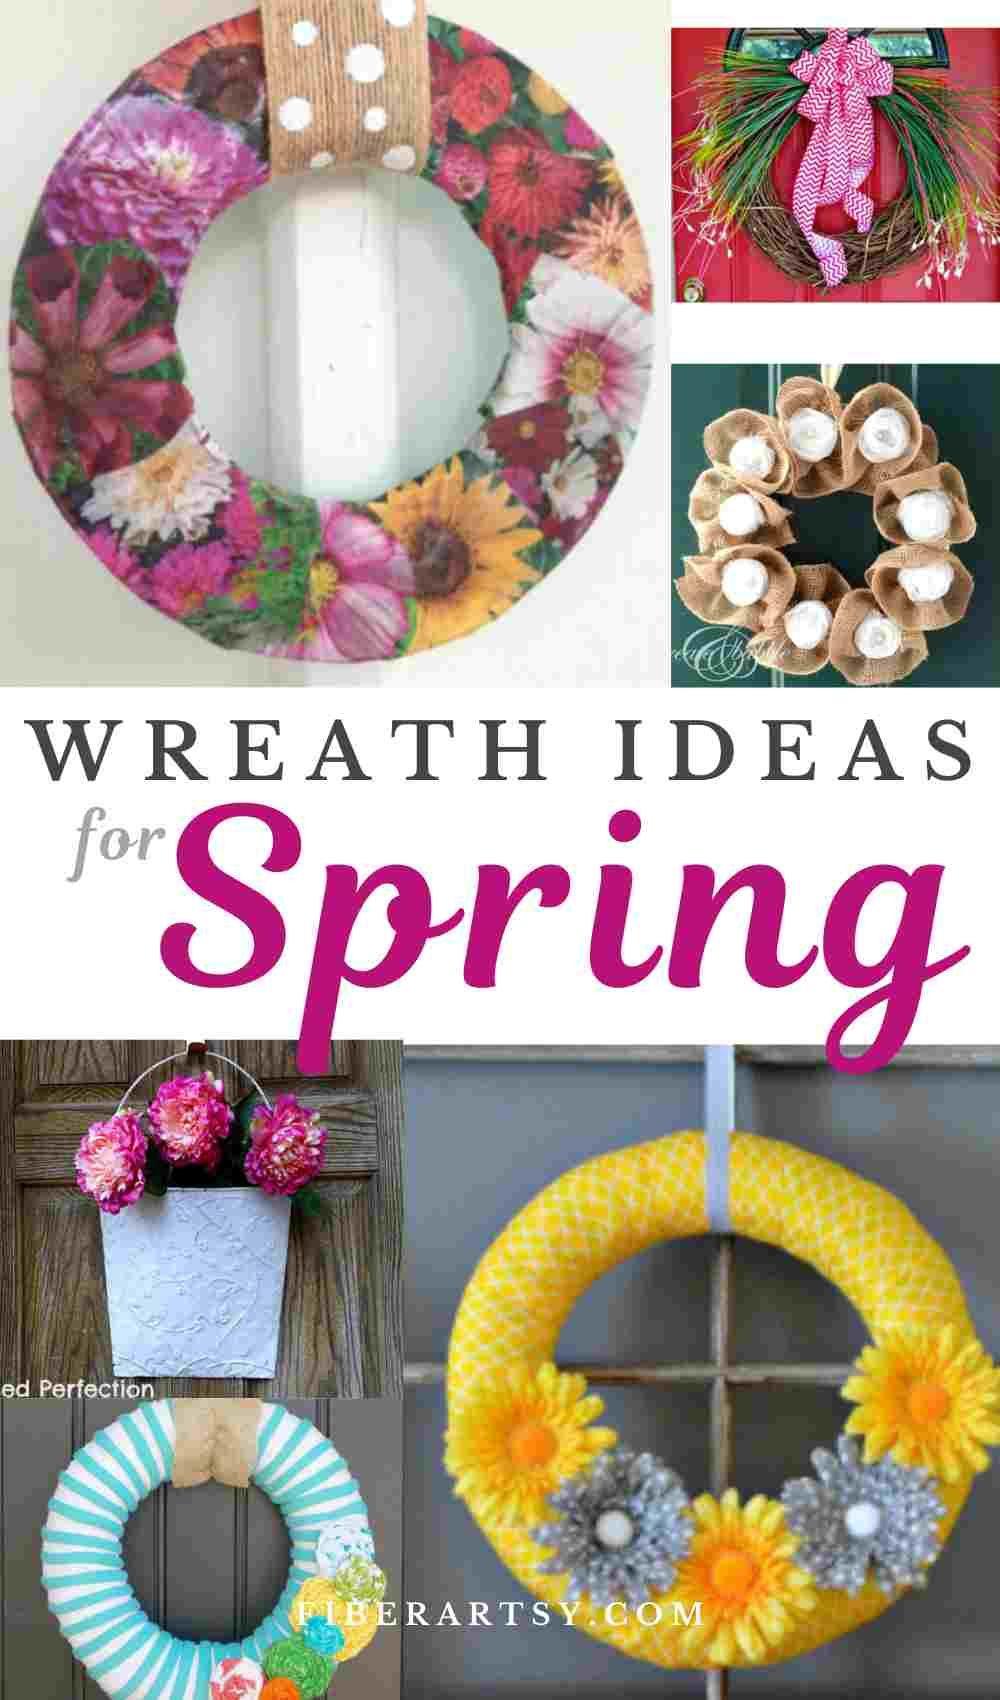 Diy Wreath Ideas For Spring Fiberartsy Com In 2020 Diy Wreath Spring Diy Diy Spring Wreath